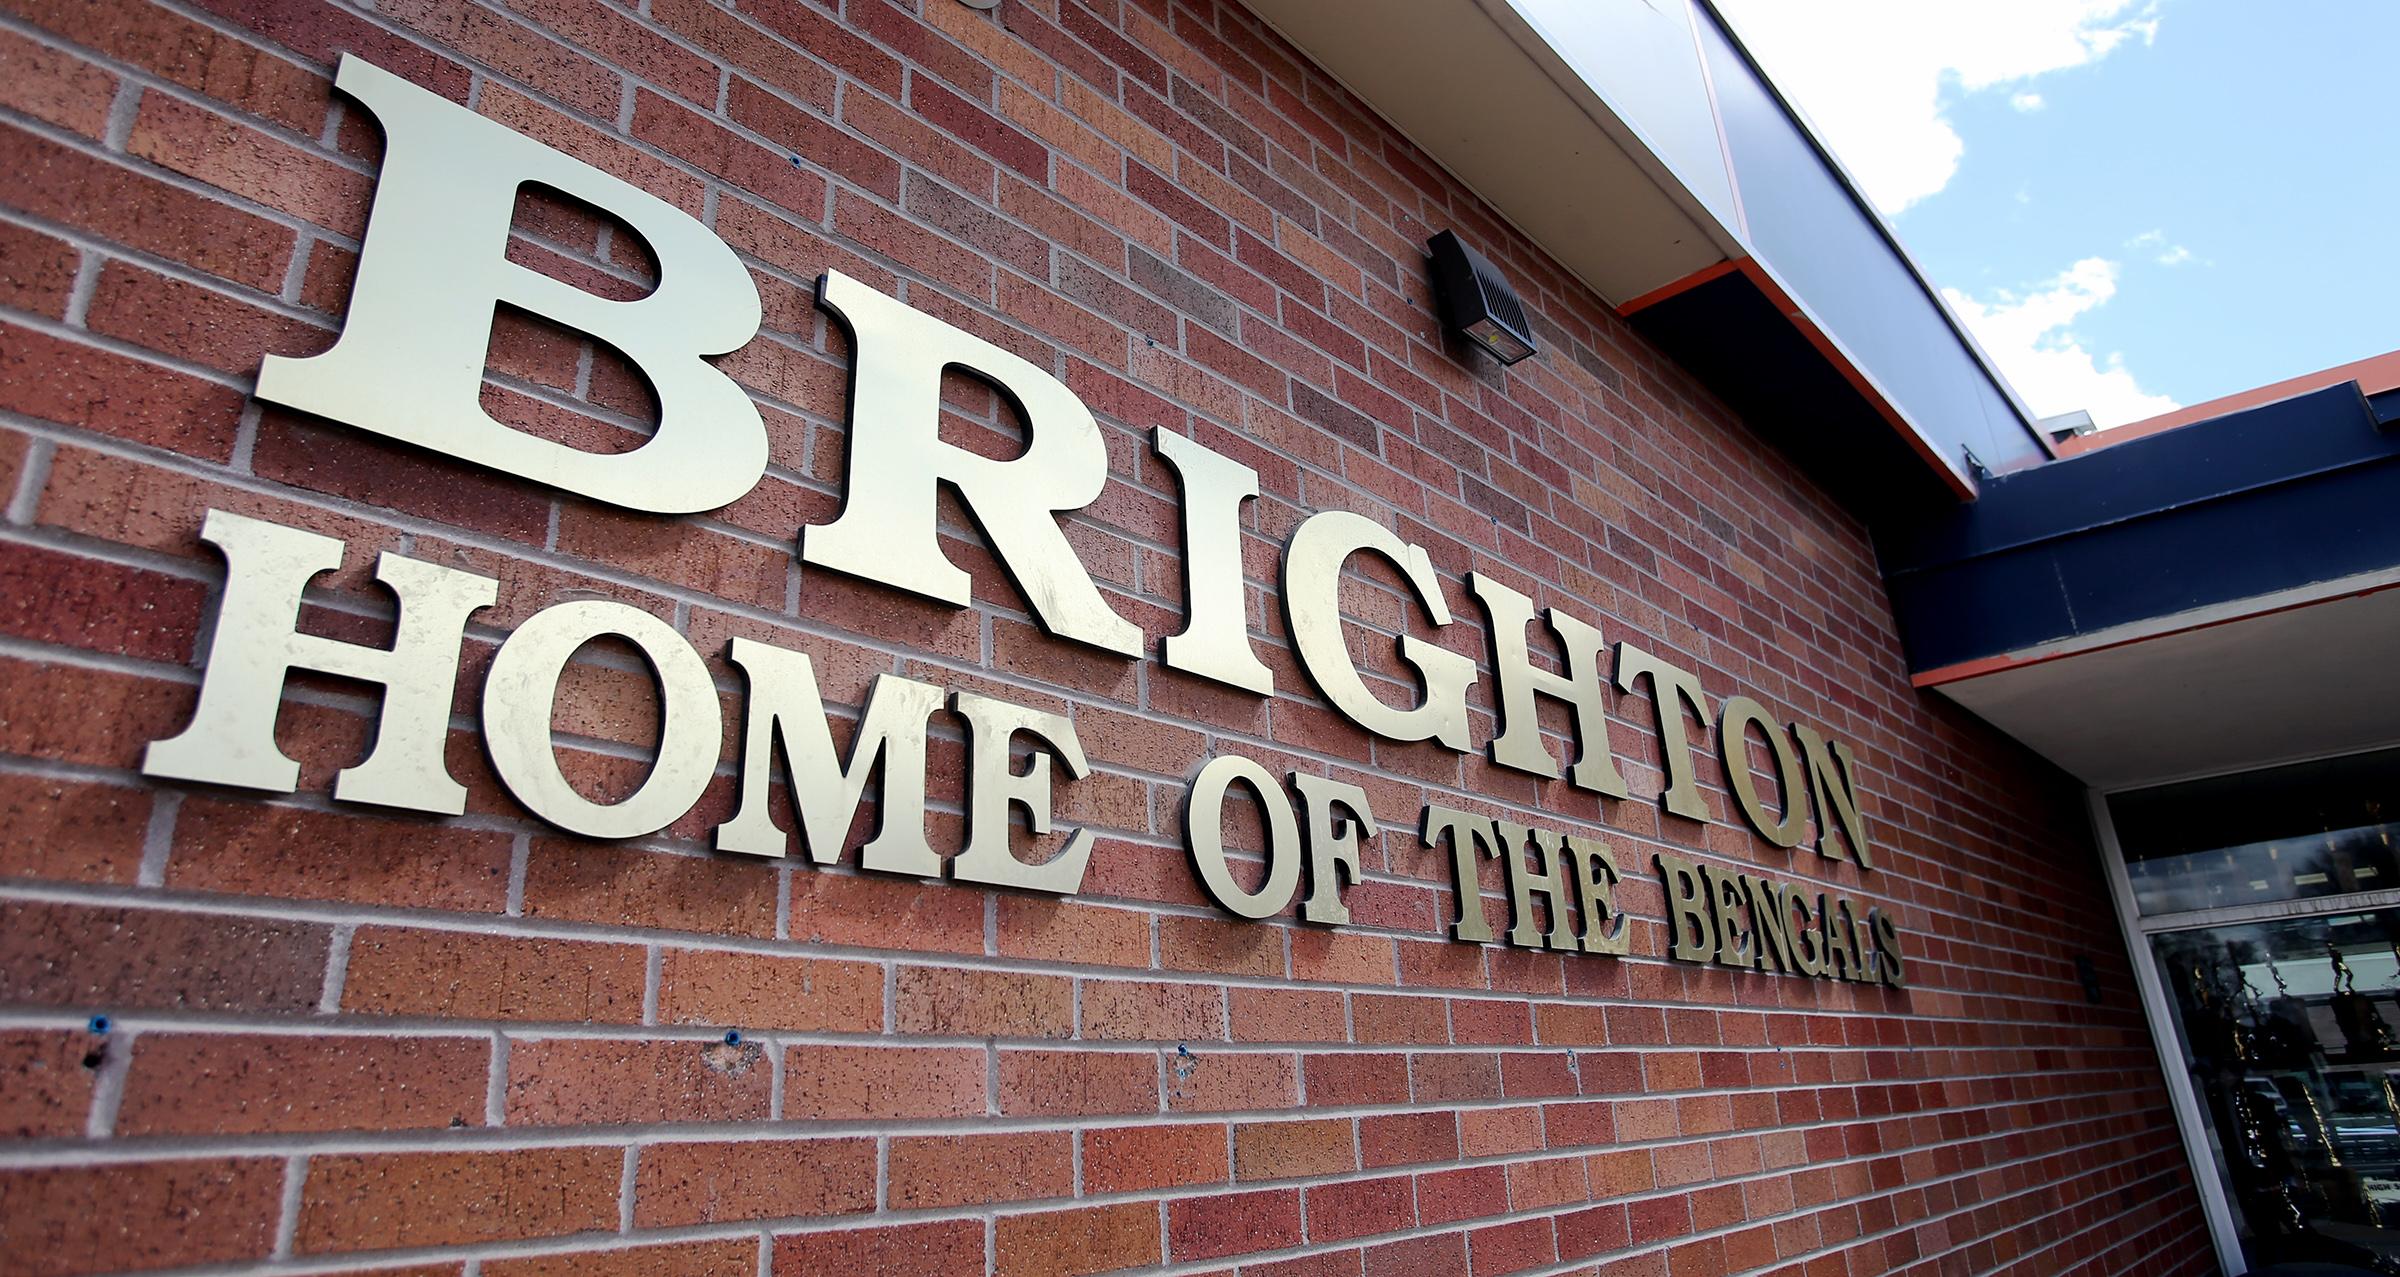 Brighton High School in Cottonwood Heights, Utah.